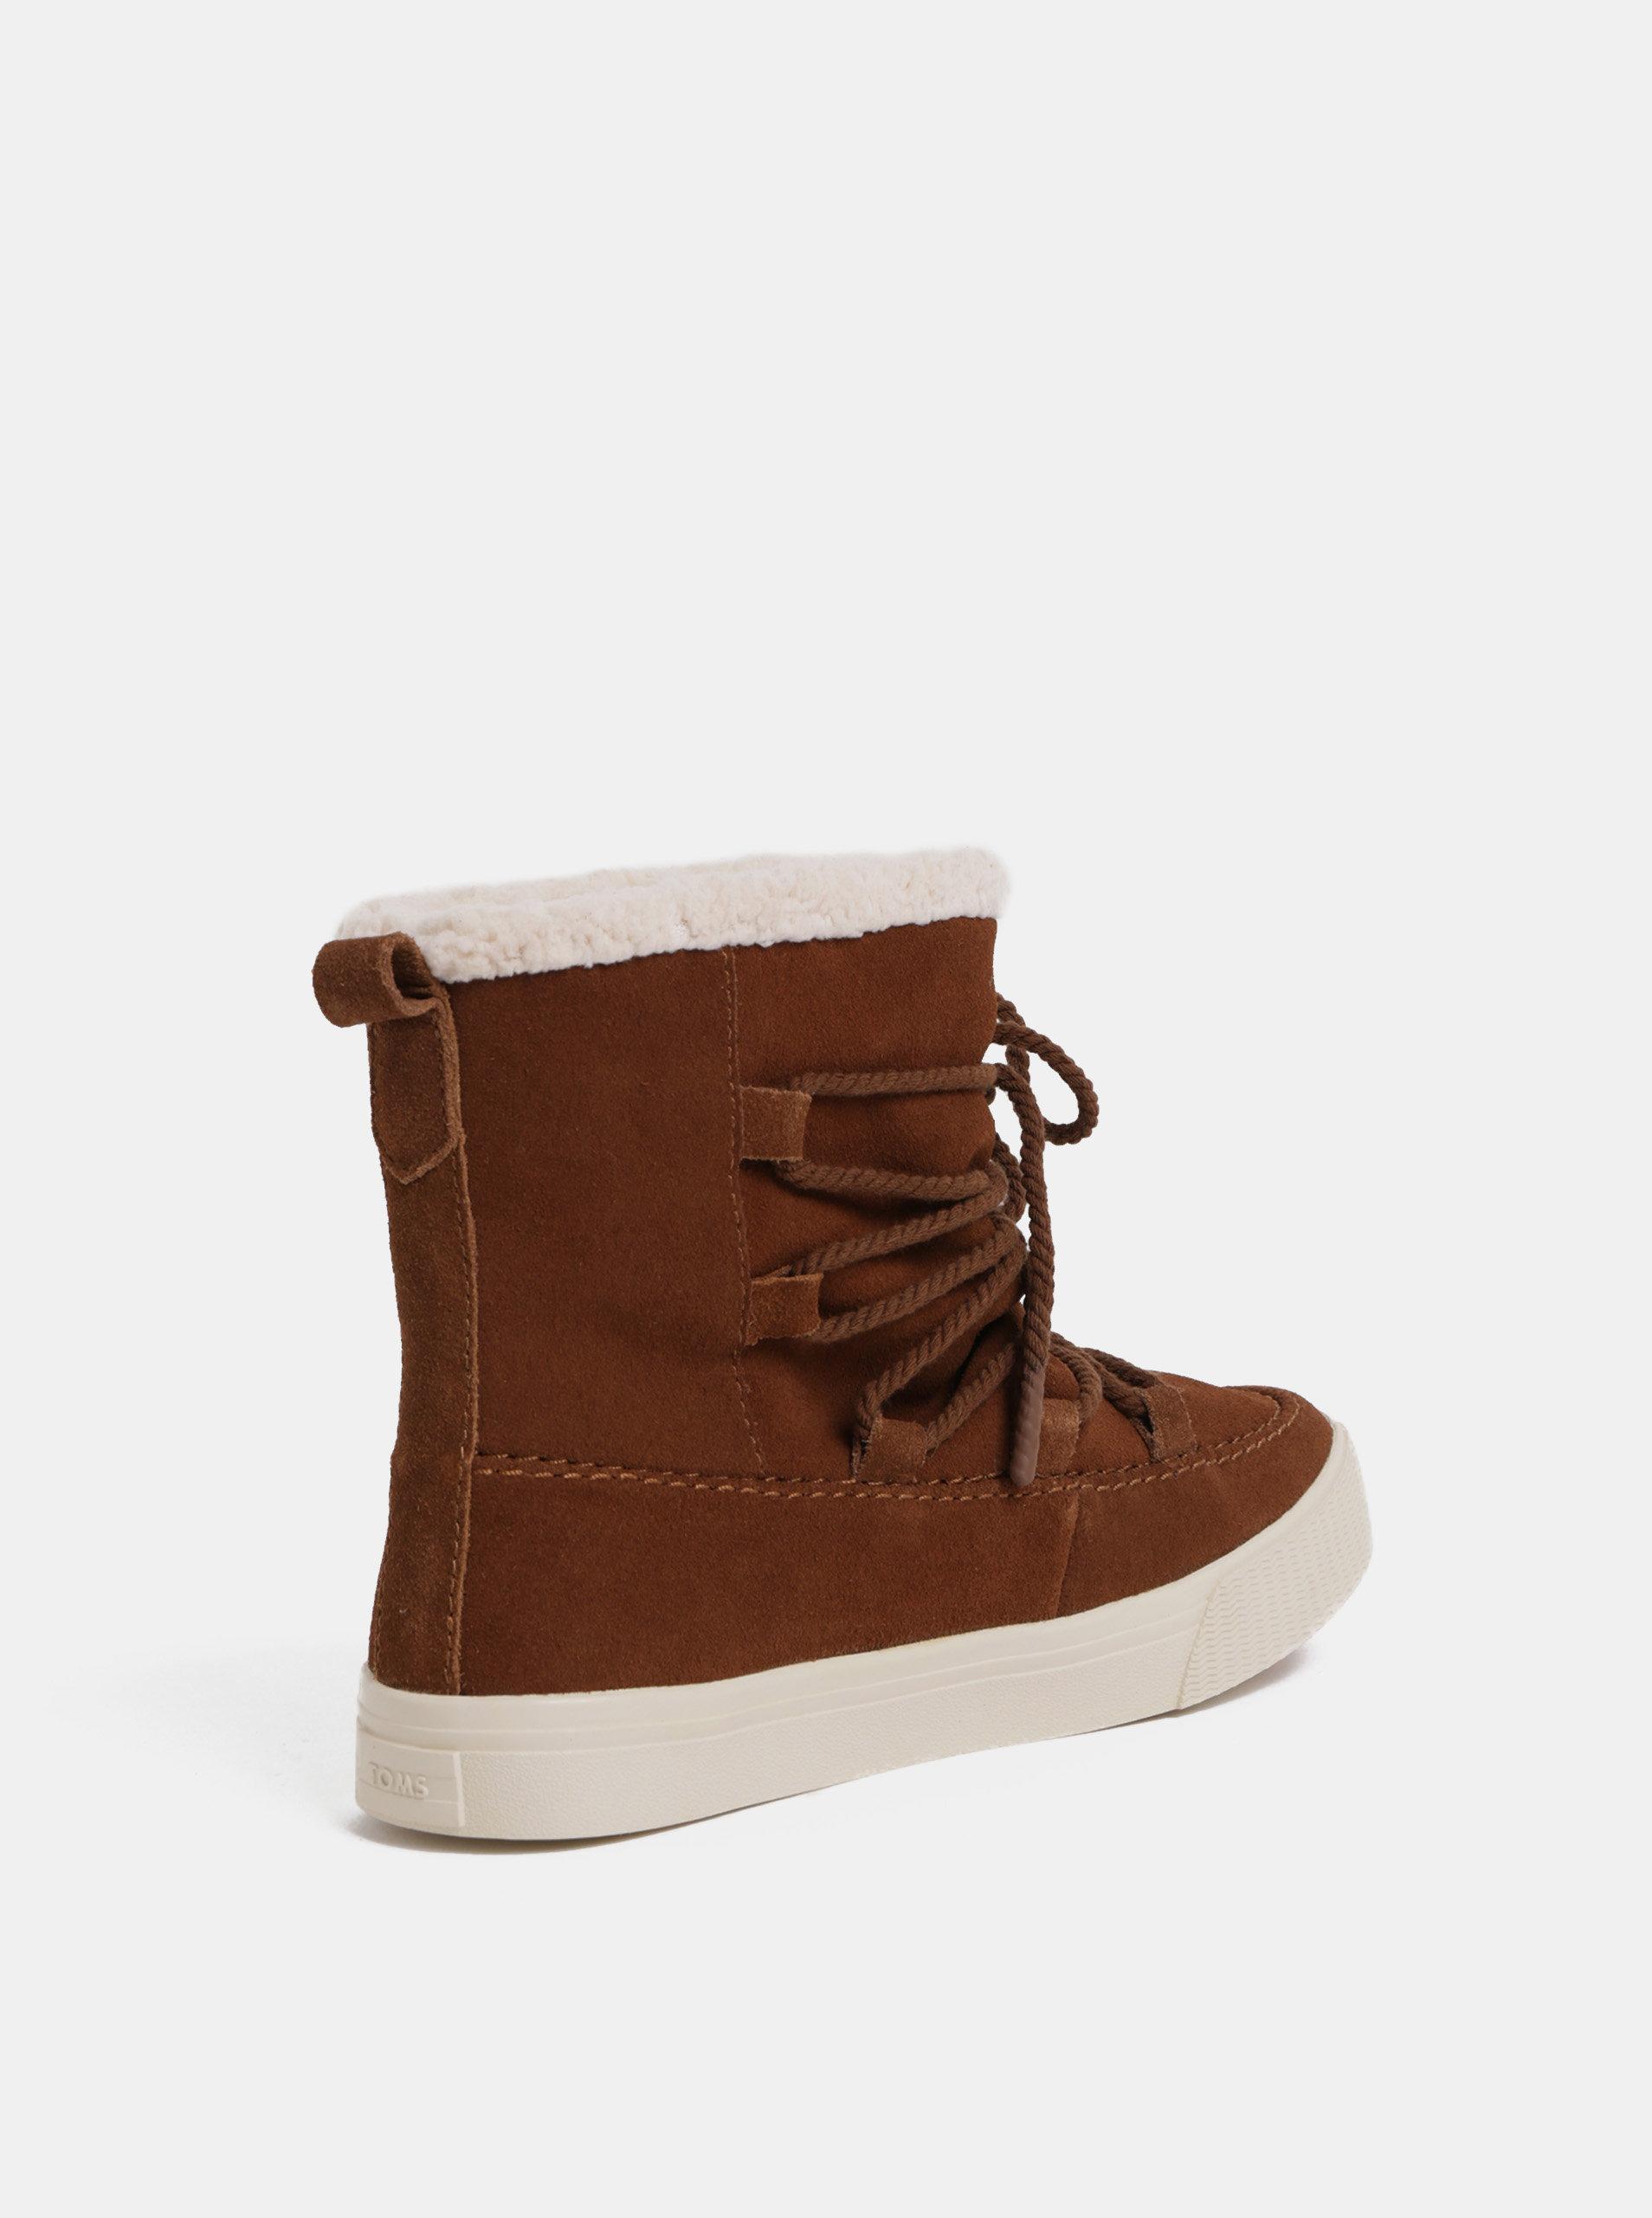 0899f56ee1 Hnedé dámske semišové zimné členkové topánky s výšivkou TOMS Alpin ...